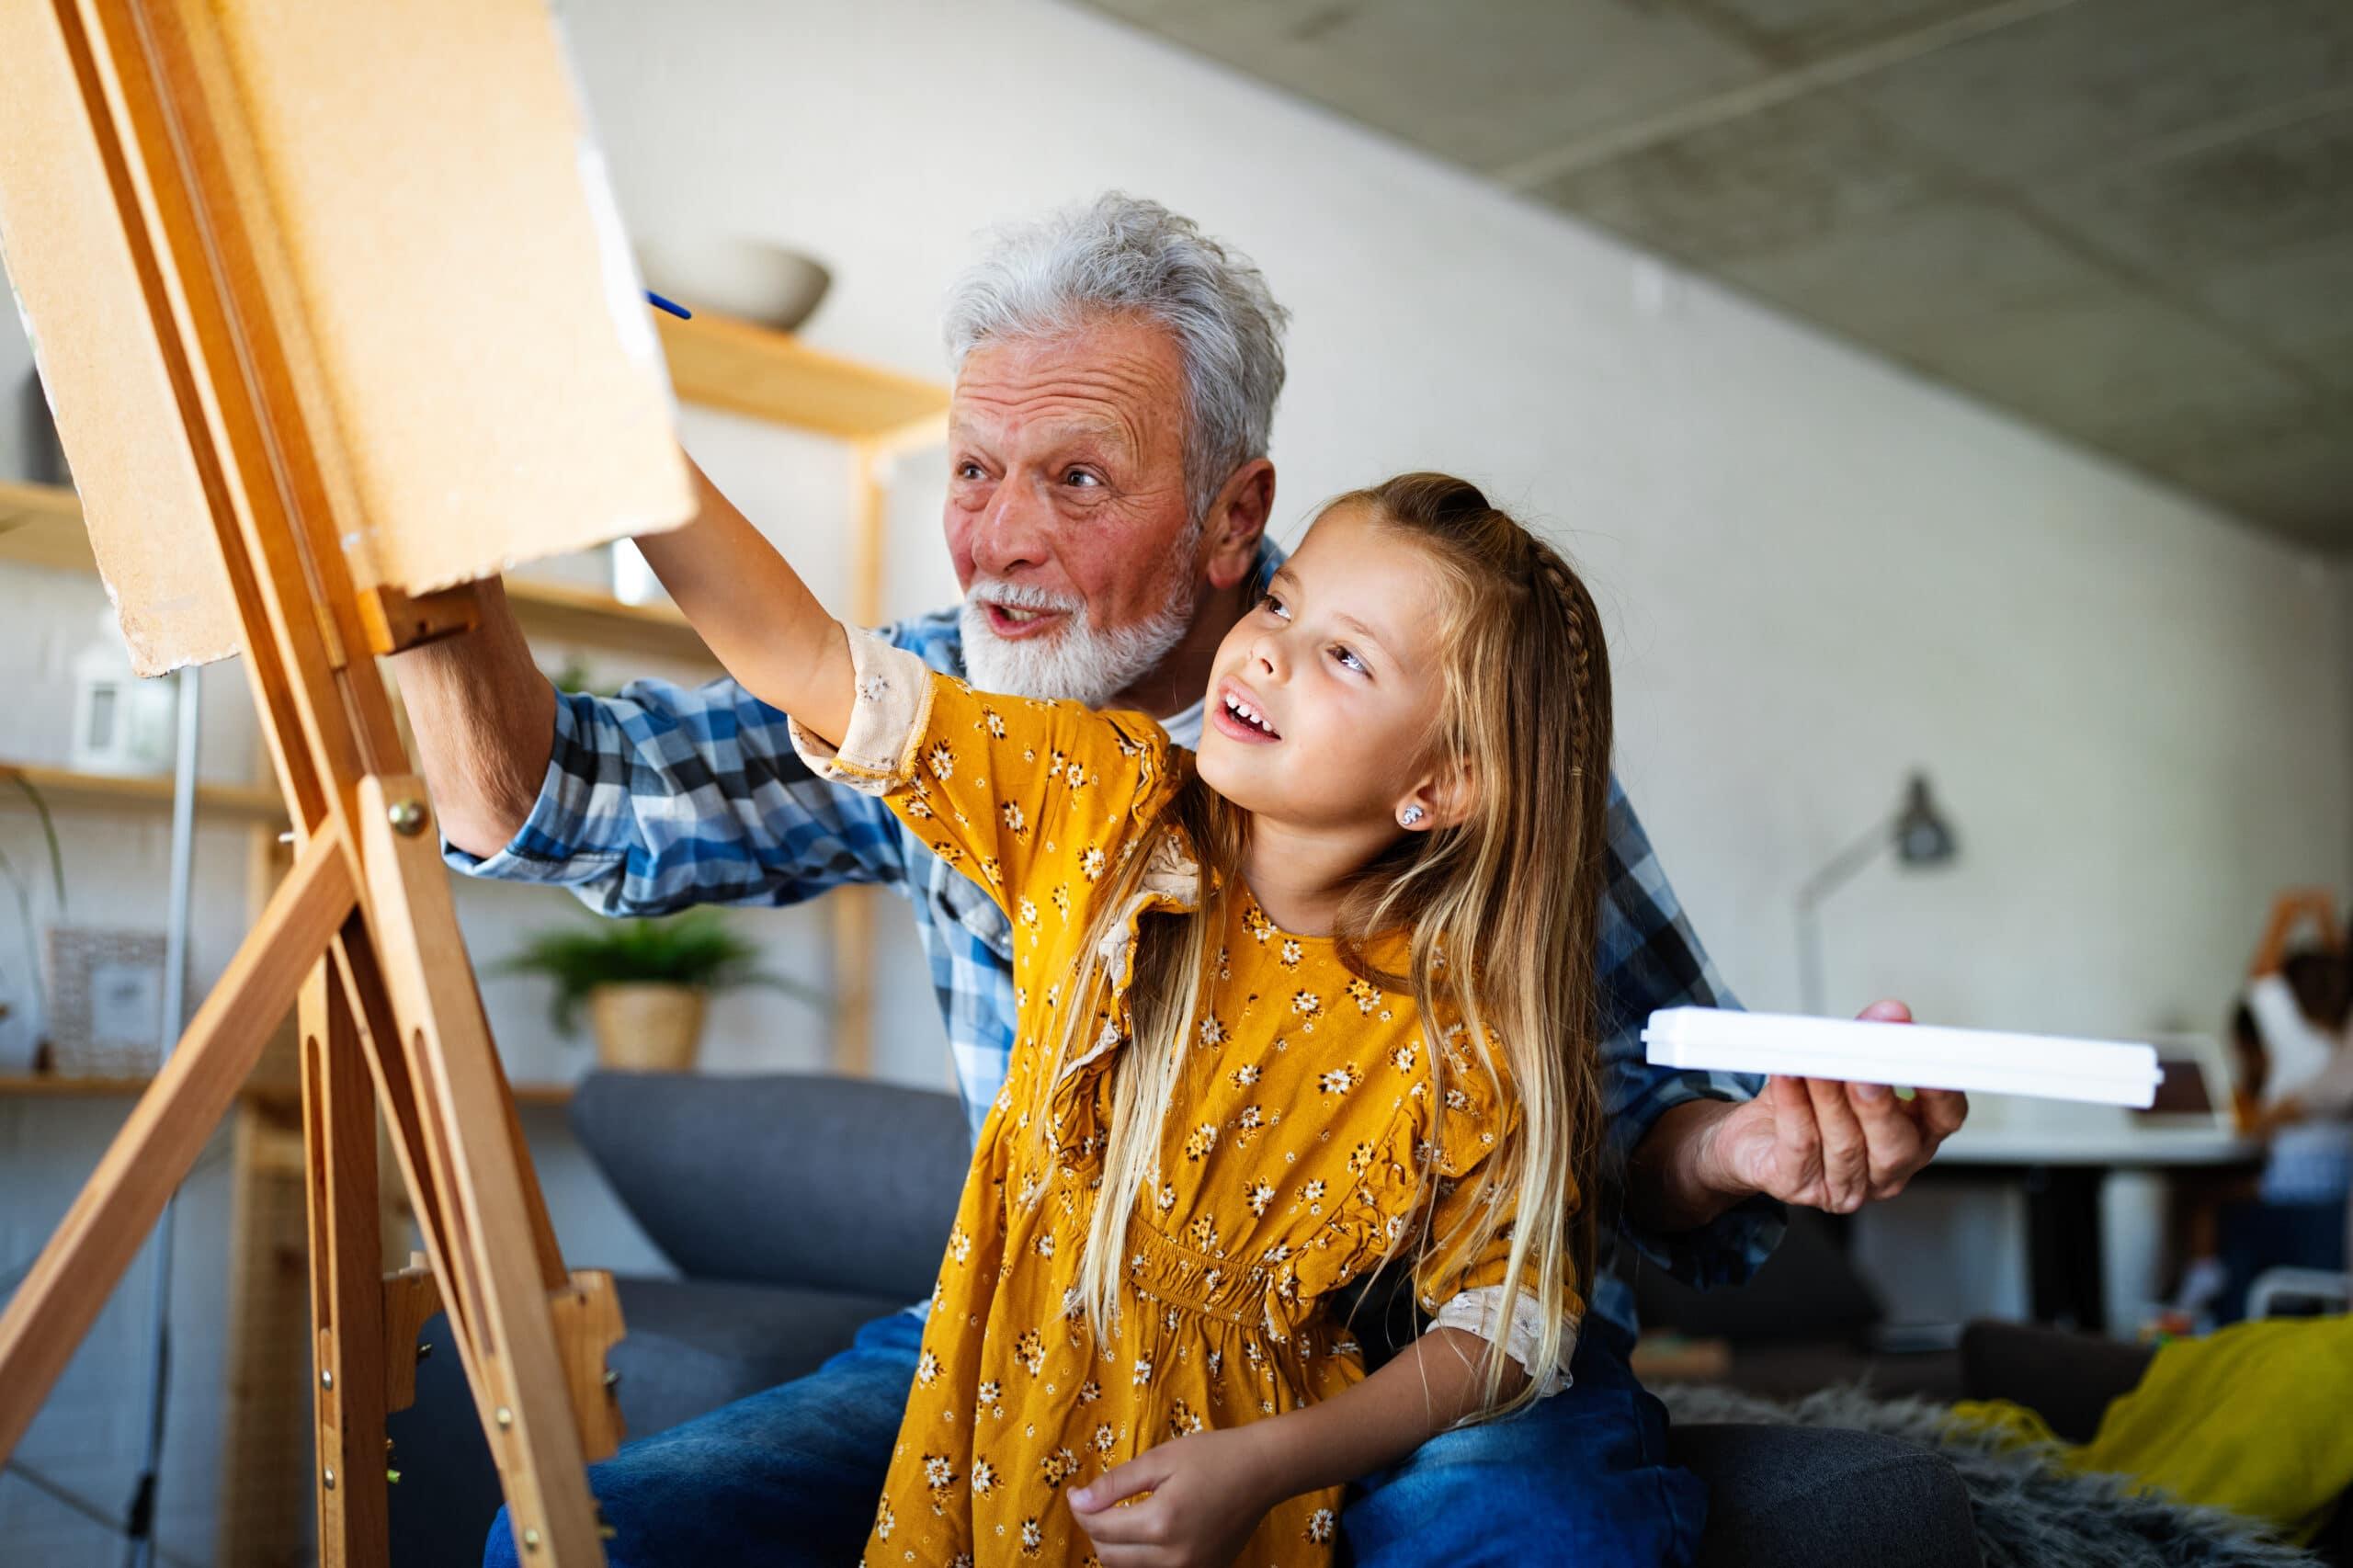 Yrityksen perustaminen eläkkeellä. Taideopettaja ja oppilas.